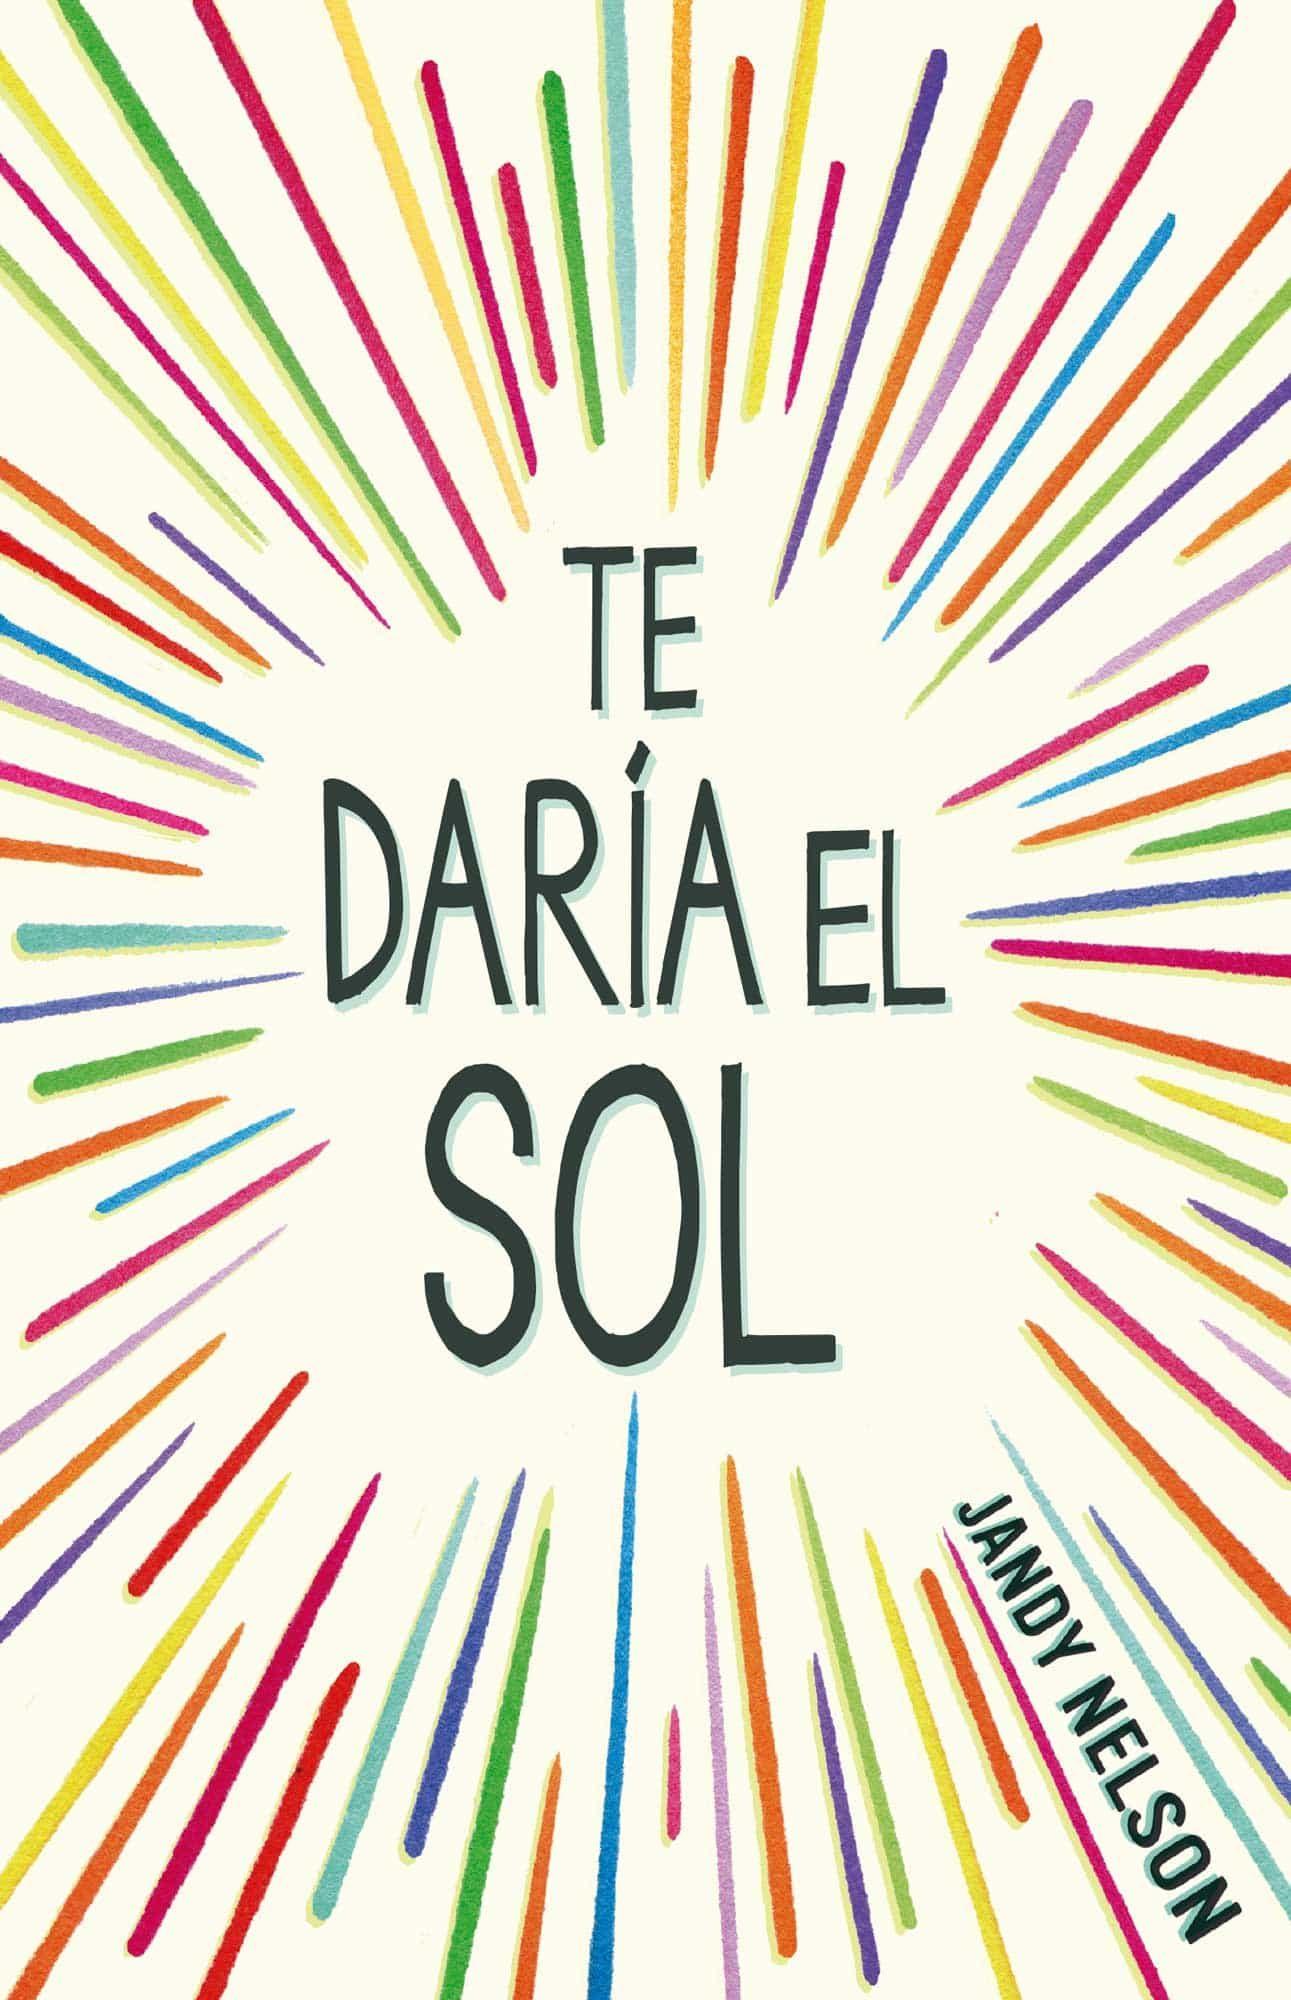 TE DARÍA EL SOL